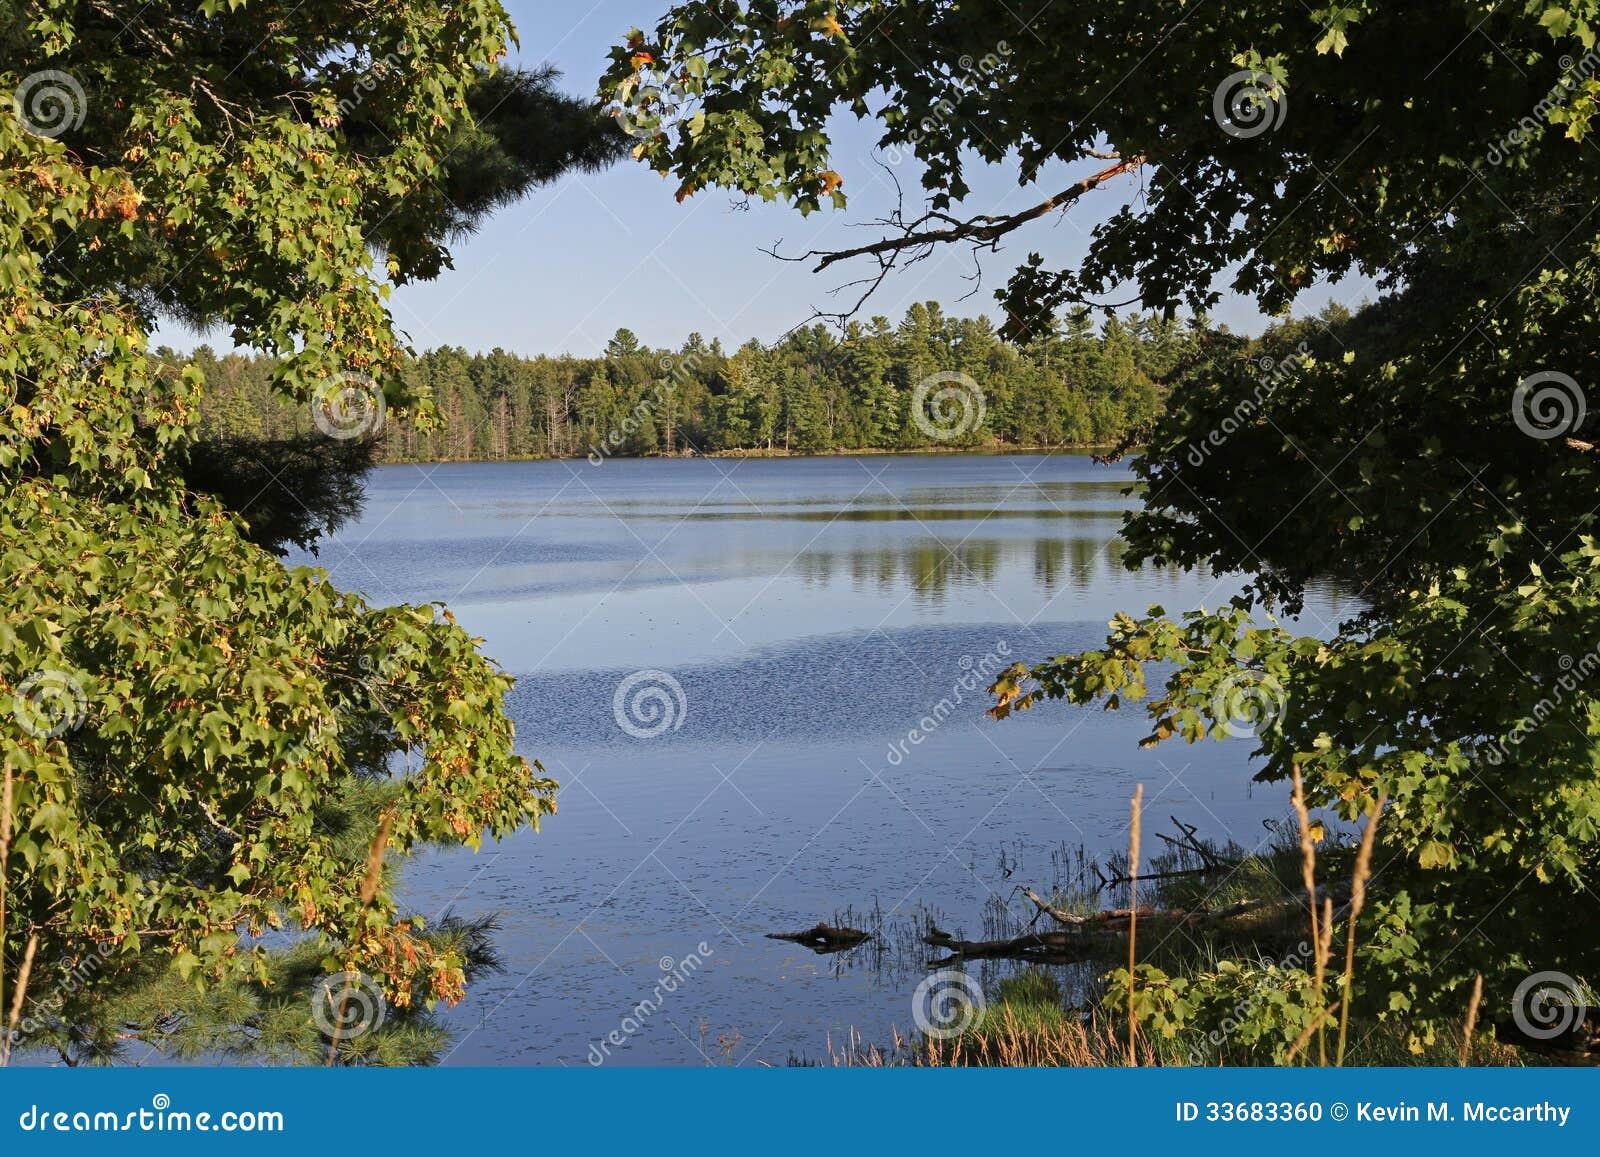 Wilderness See gestaltet durch Bäume